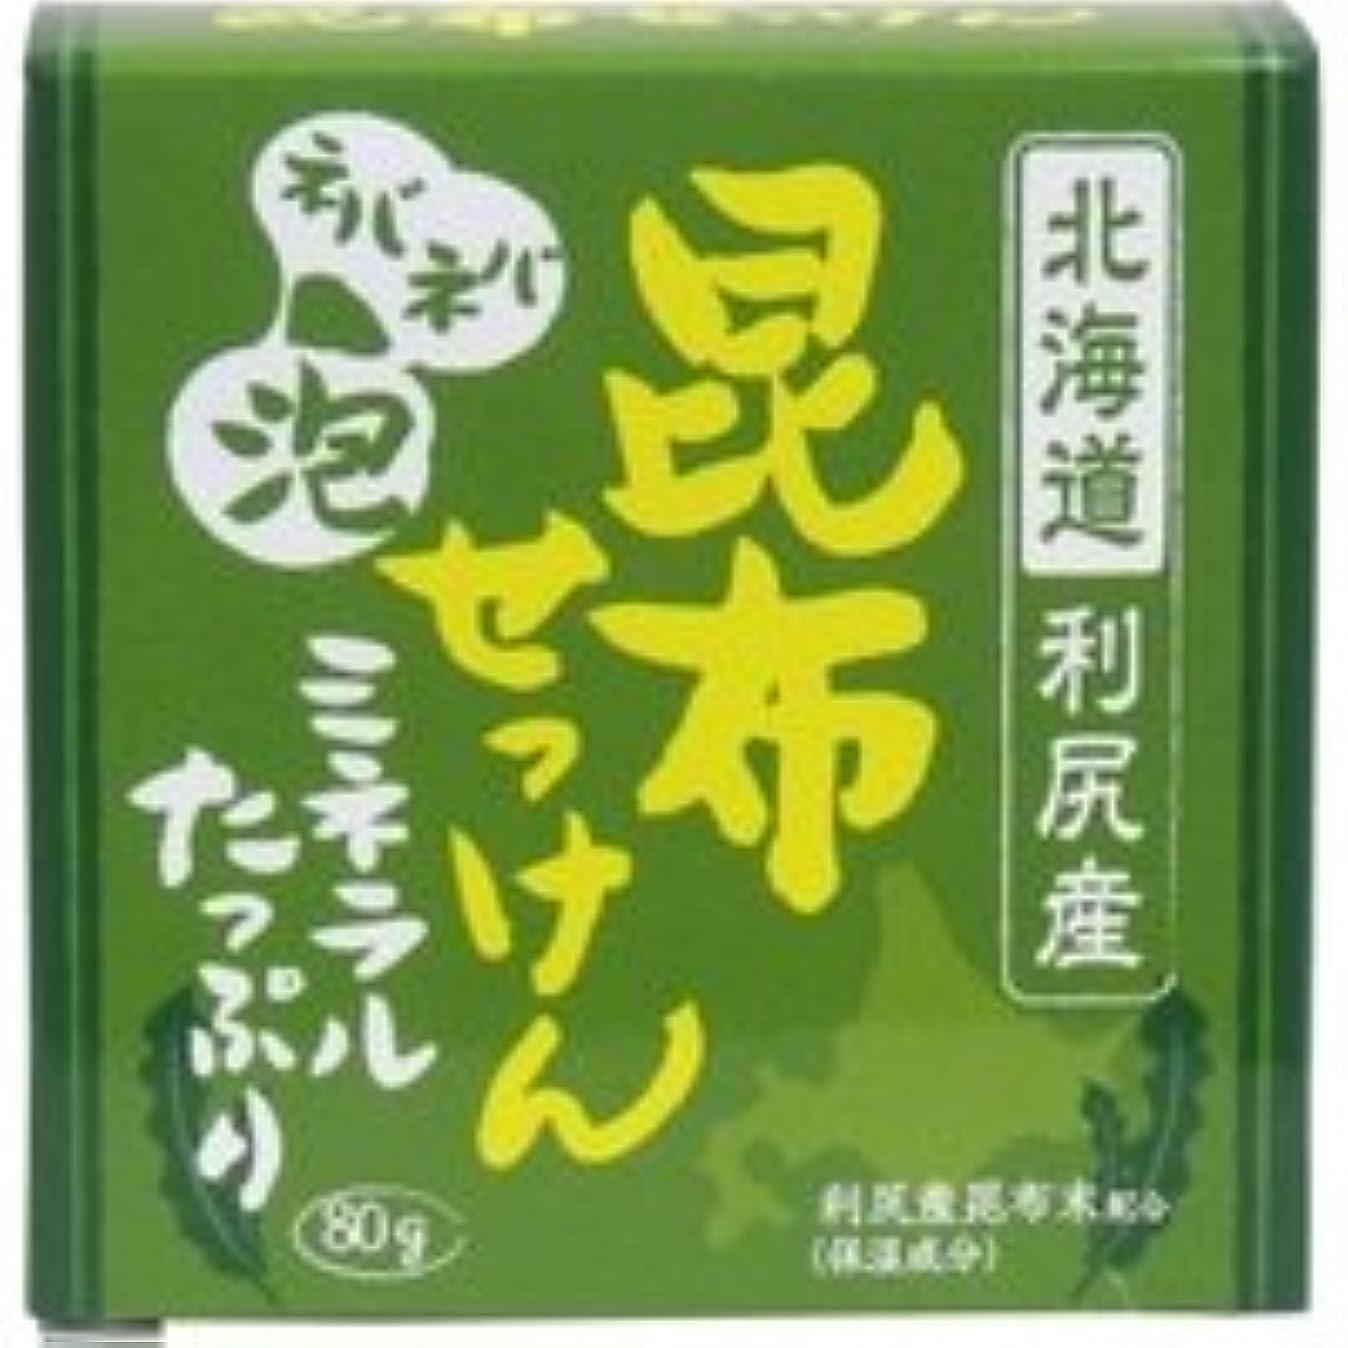 荒廃する定規適合昆布せっけん80g(北海道利尻産)